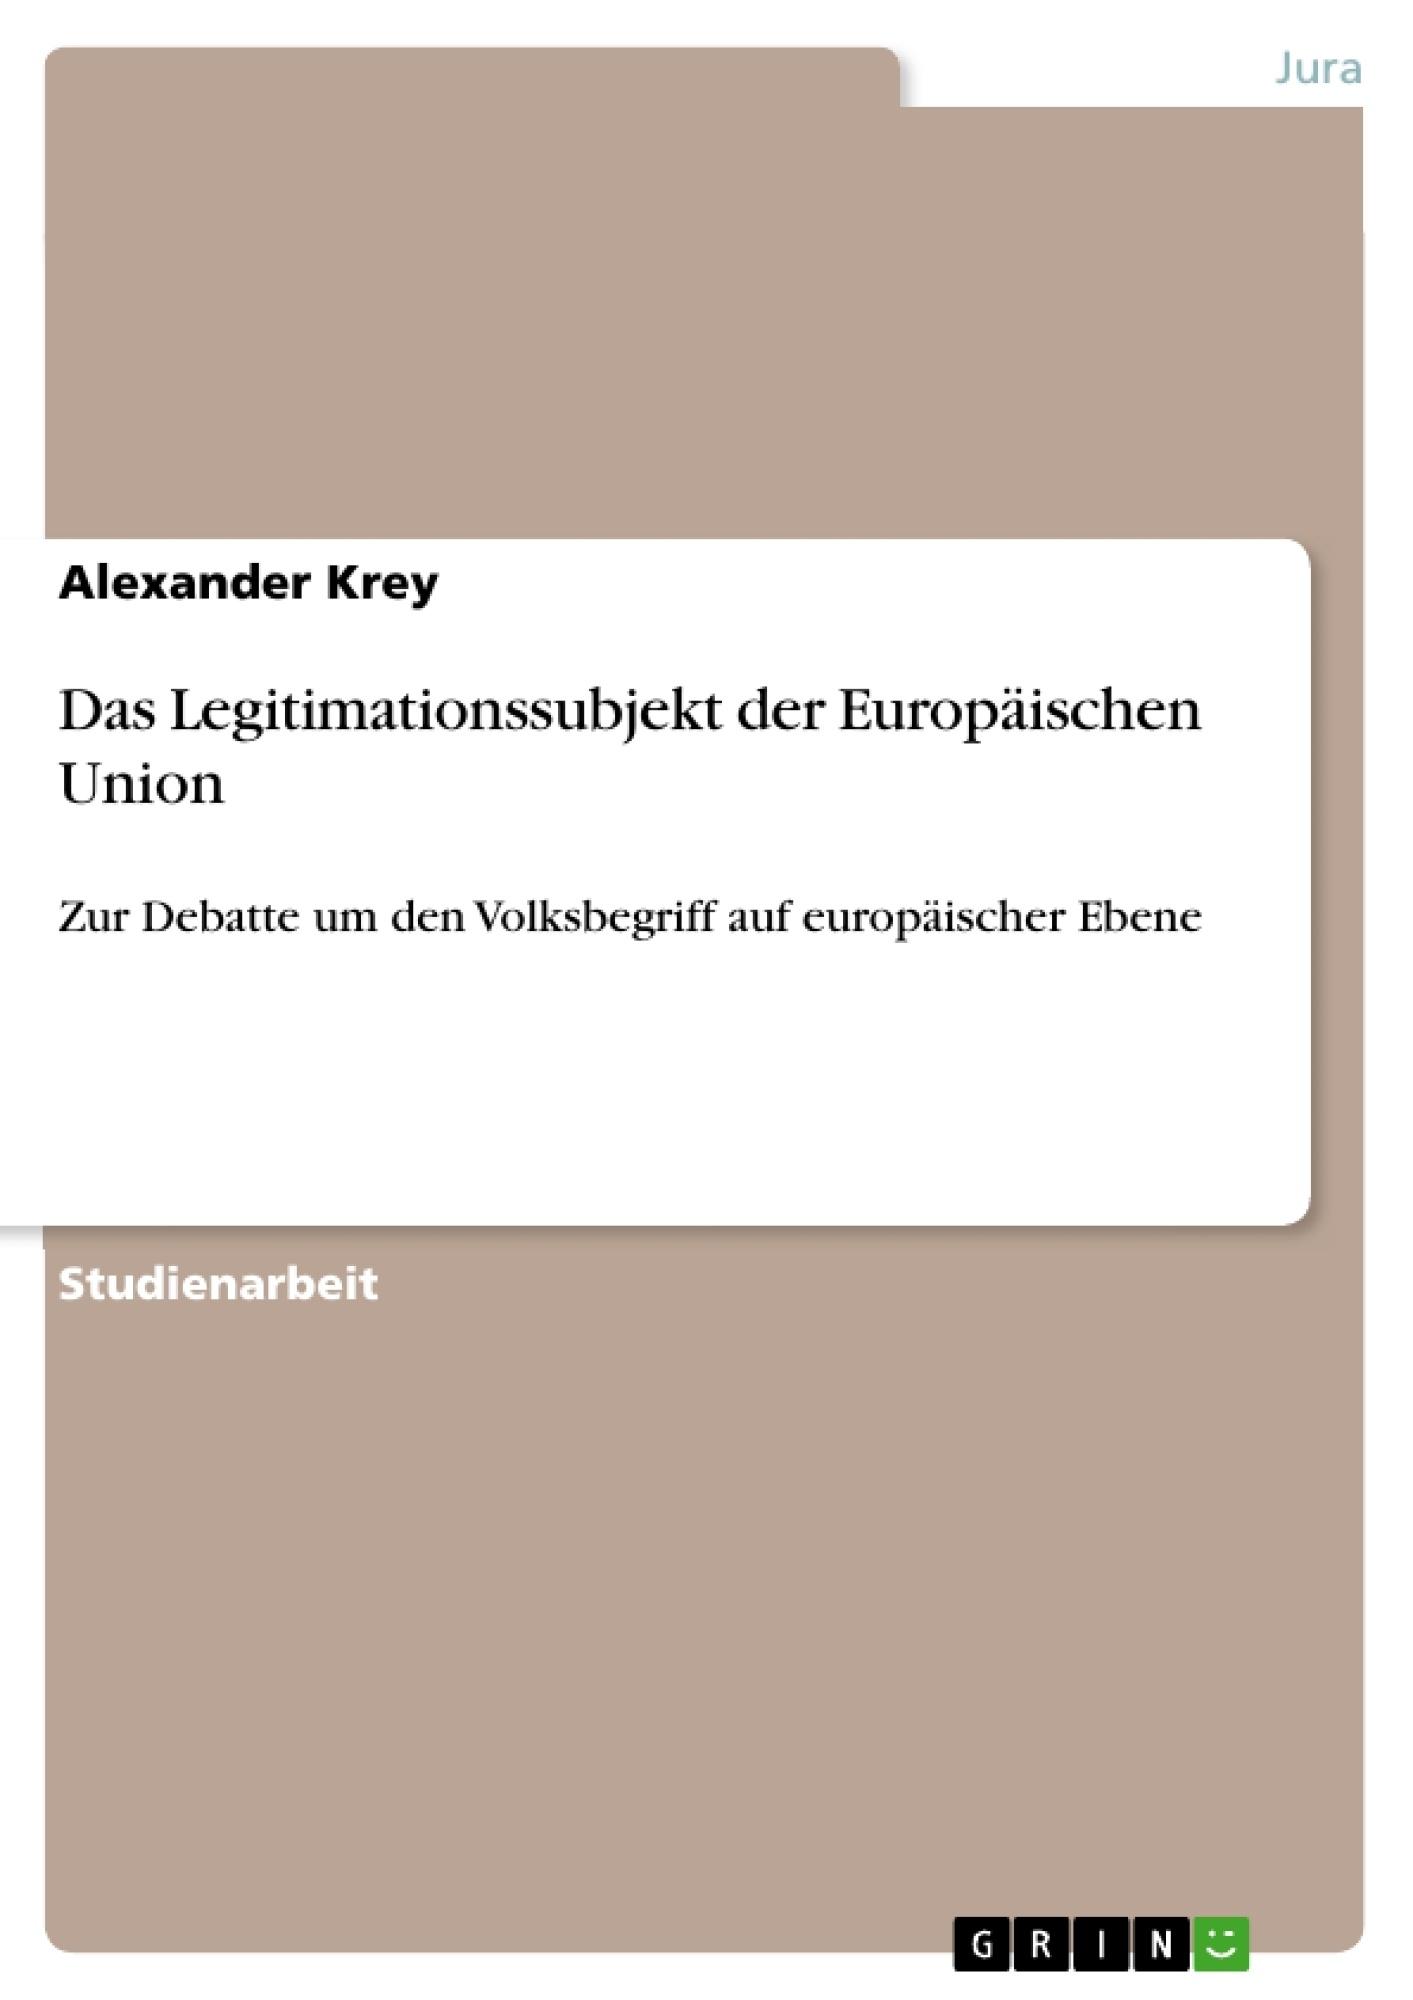 Titel: Das Legitimationssubjekt der Europäischen Union